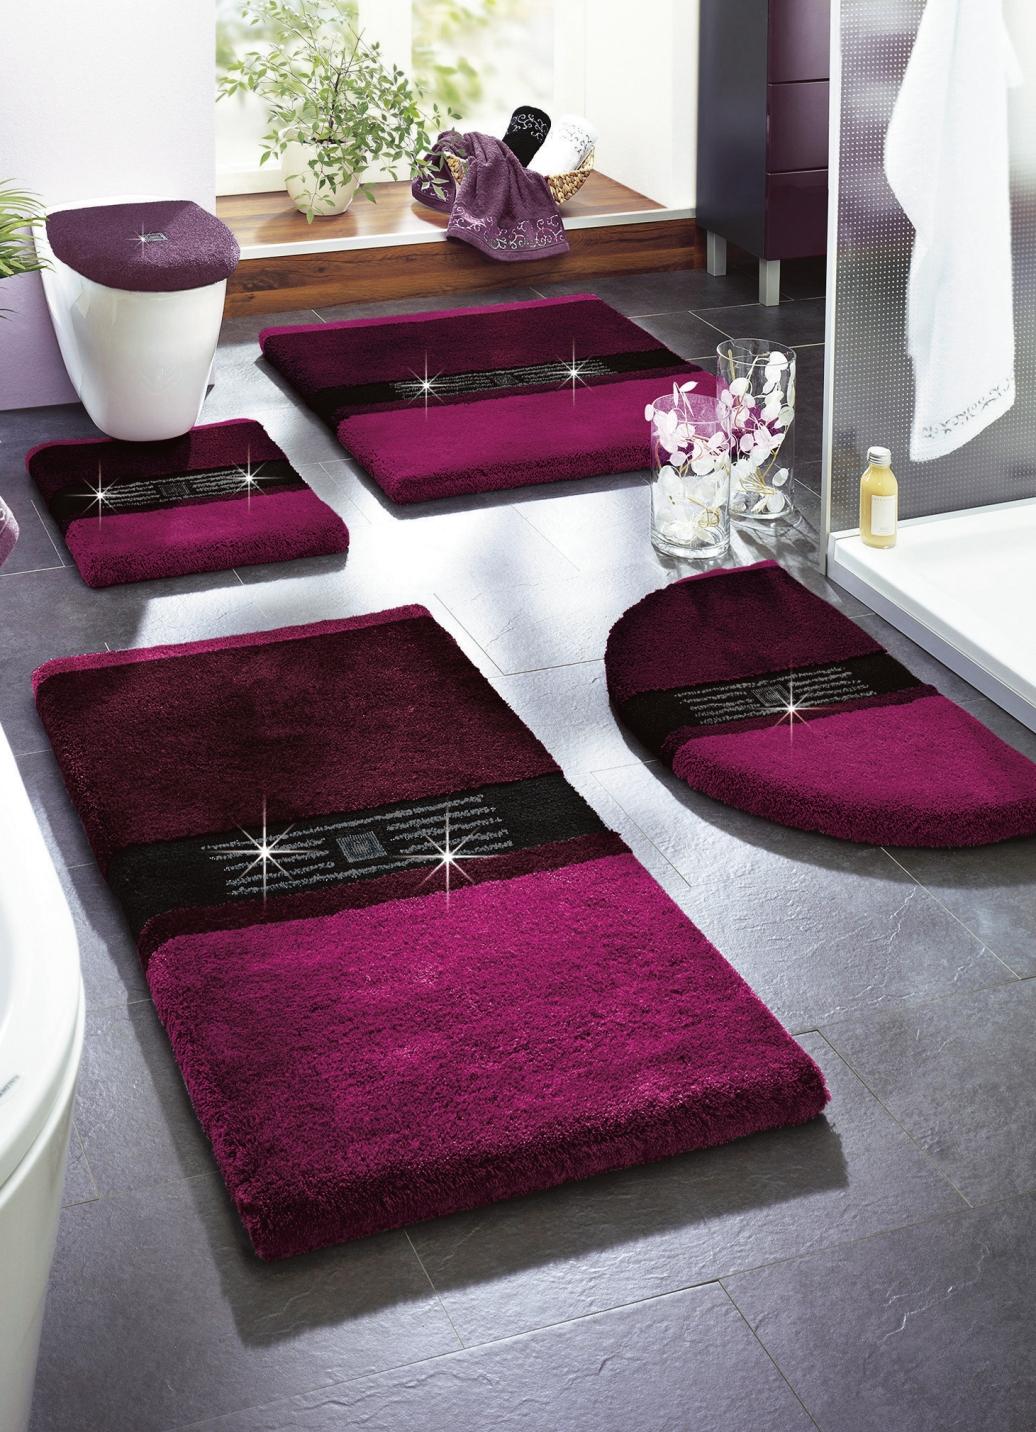 grund badgarnitur in verschiedenen farben badezimmer. Black Bedroom Furniture Sets. Home Design Ideas